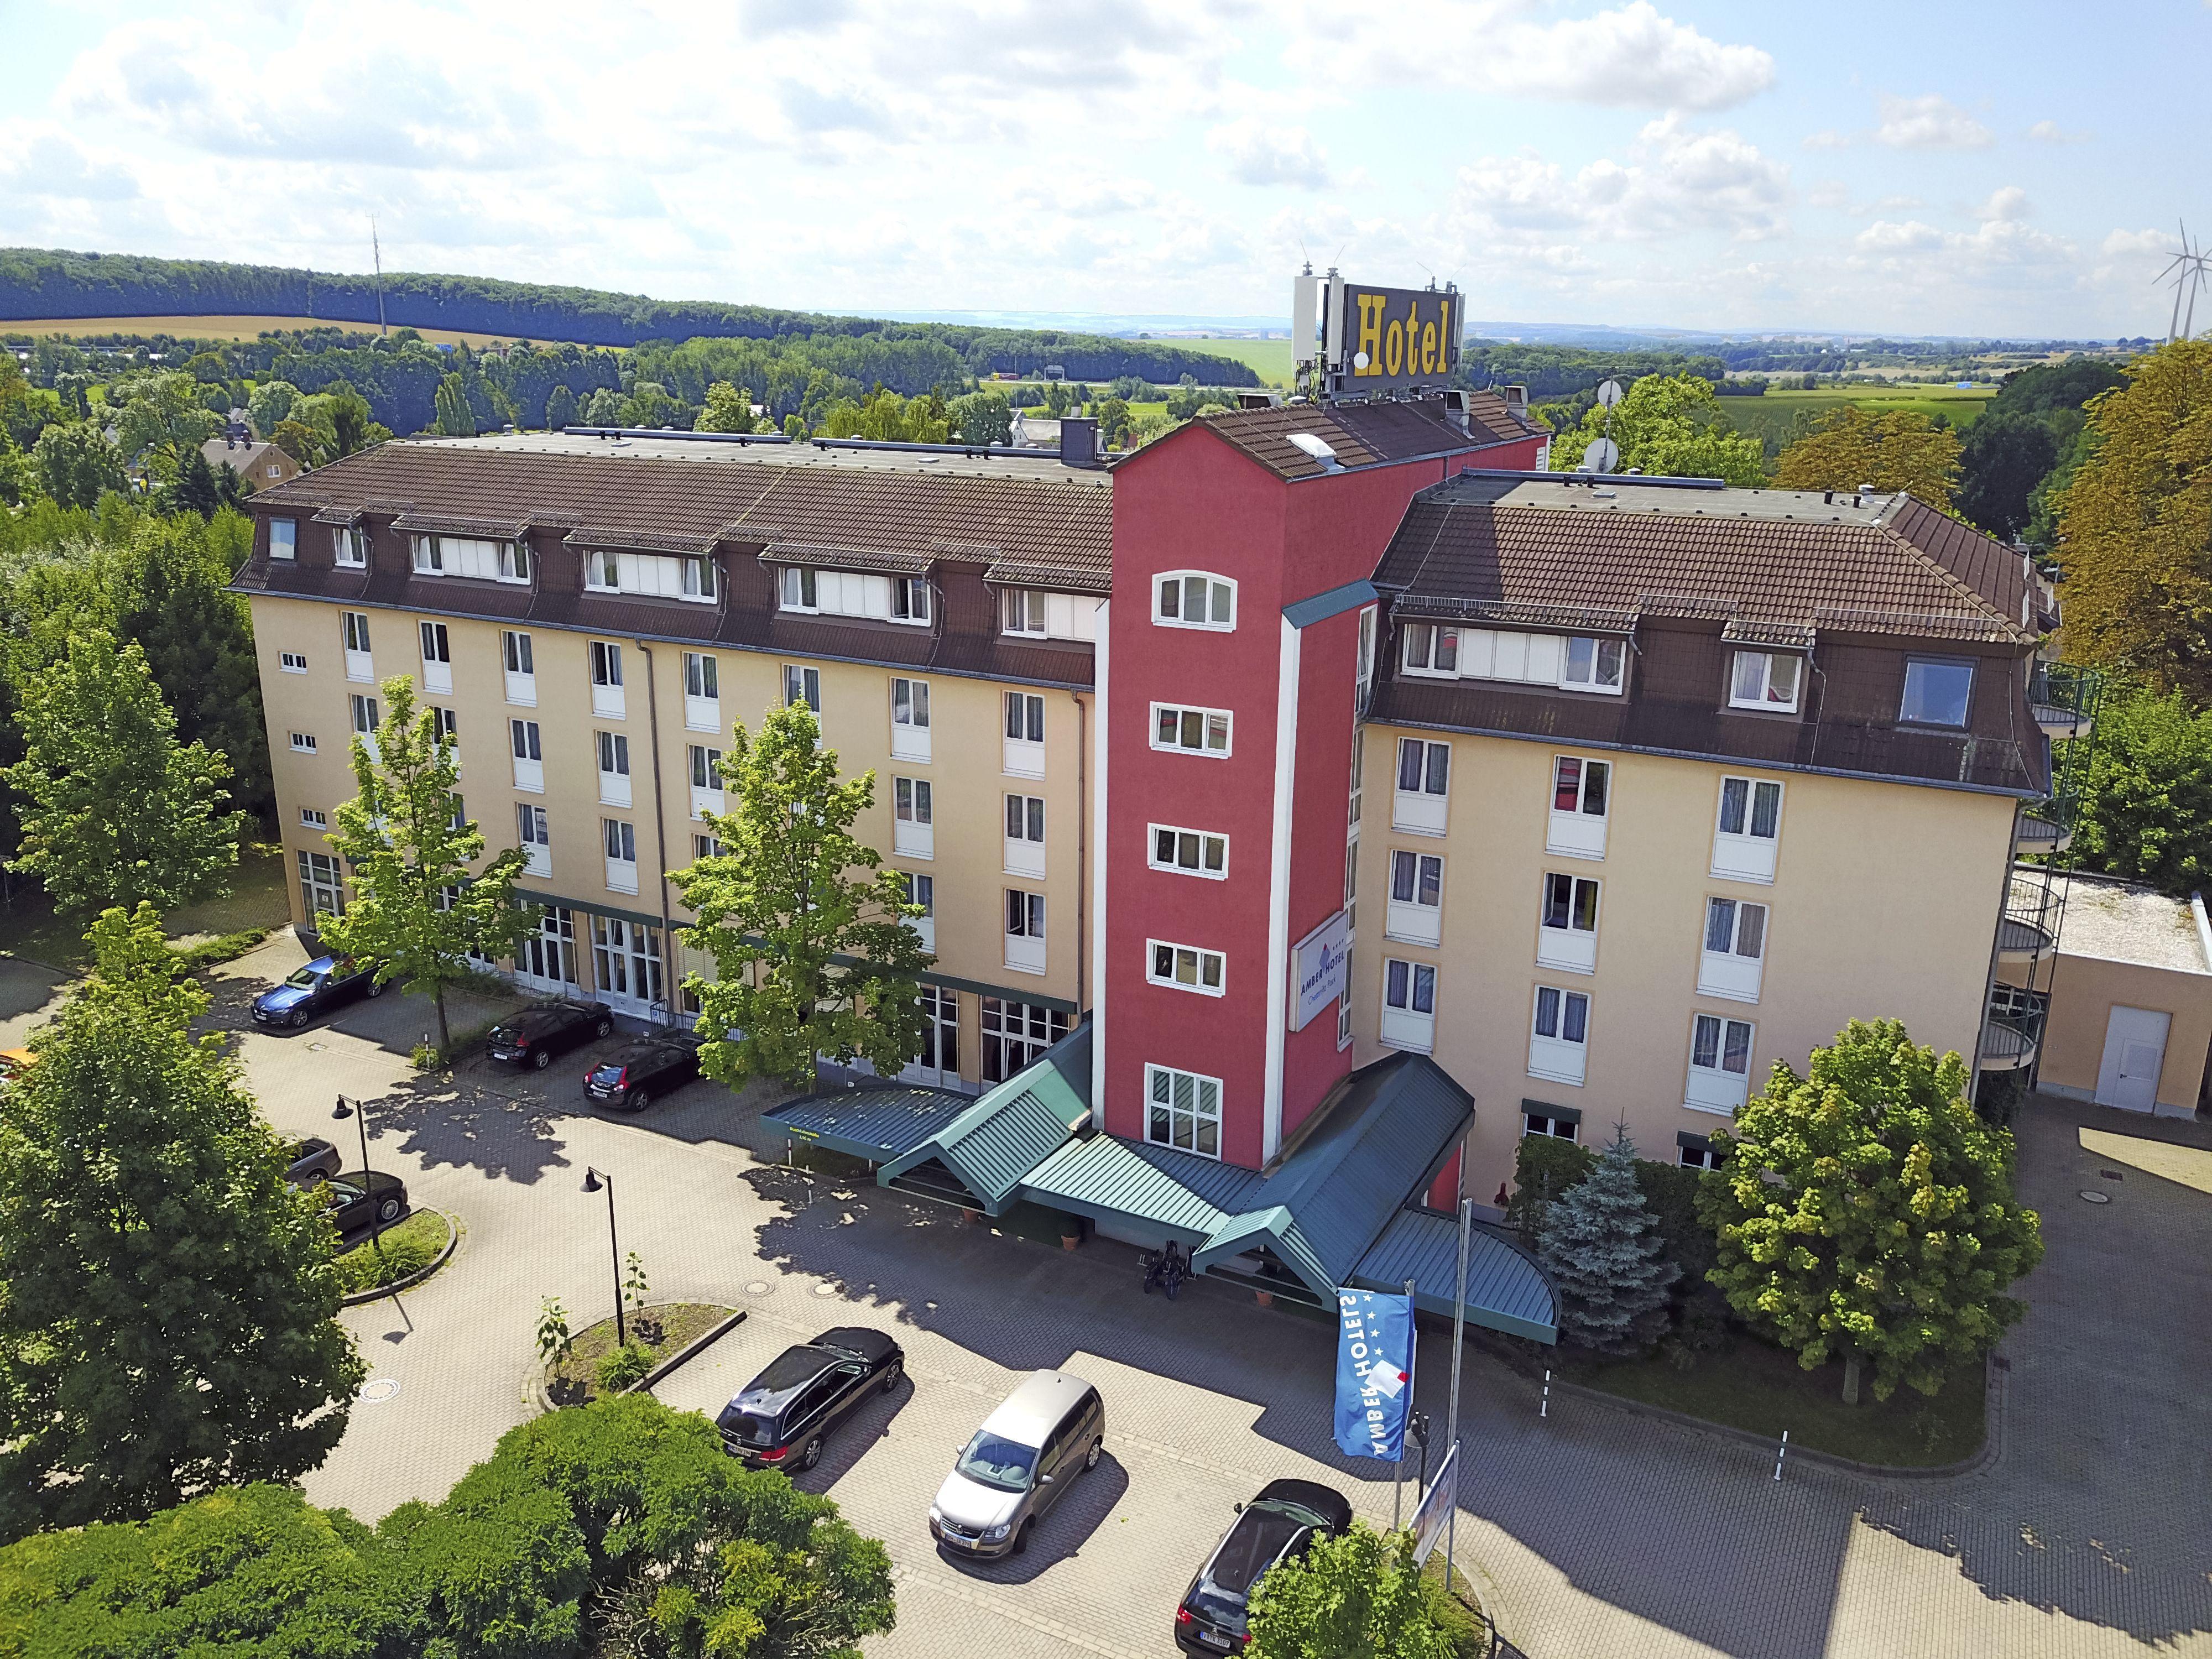 09247 Chemnitz Ot Röhrsdorf hotel chemnitz park chemnitz röhrsdorf great prices at